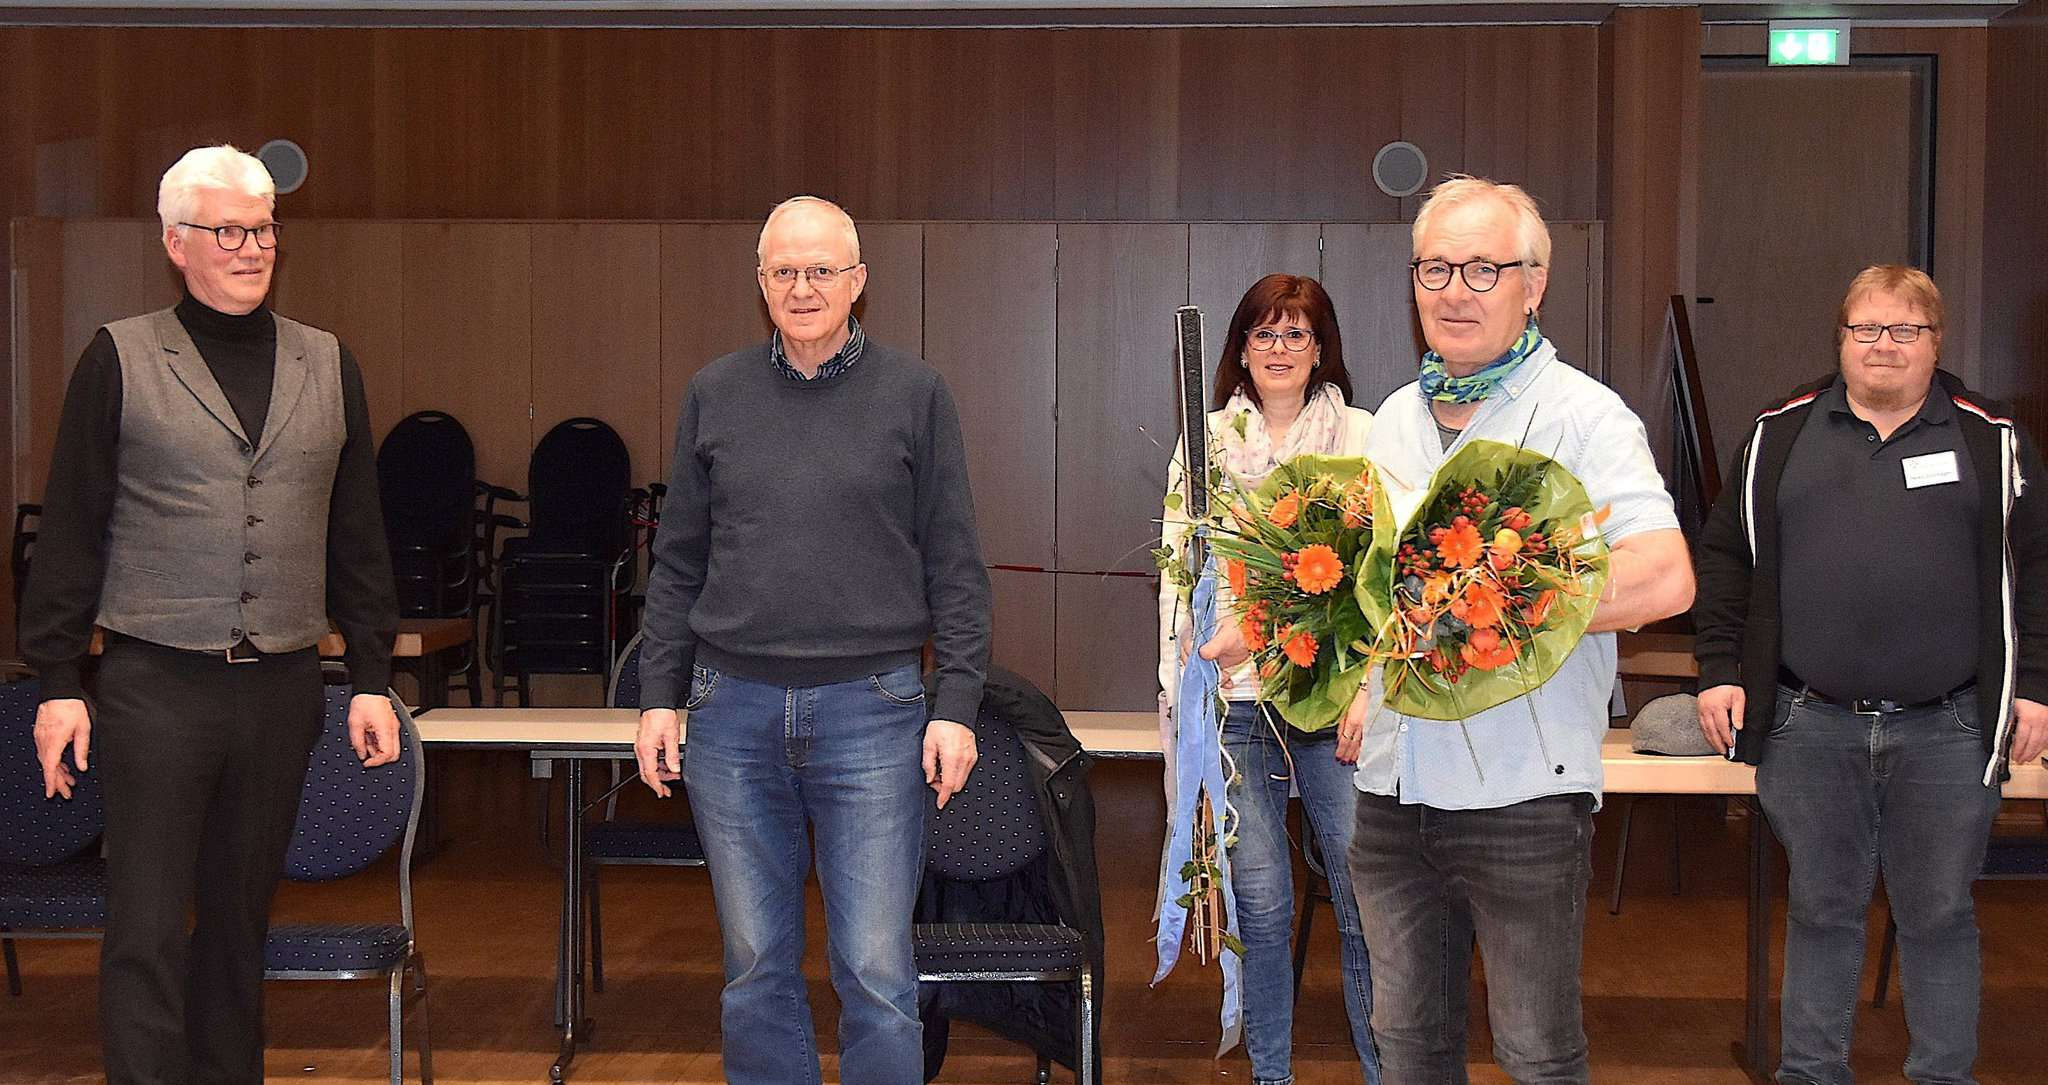 Ralf Goebel (von links), Gustav Stegmann und Nicole Kanapin sowie Heiko Grünhagen (rechts) bedankten sich bei Andreas Goehrt für dessen Engagement. Foto: Judith Tausendfreund